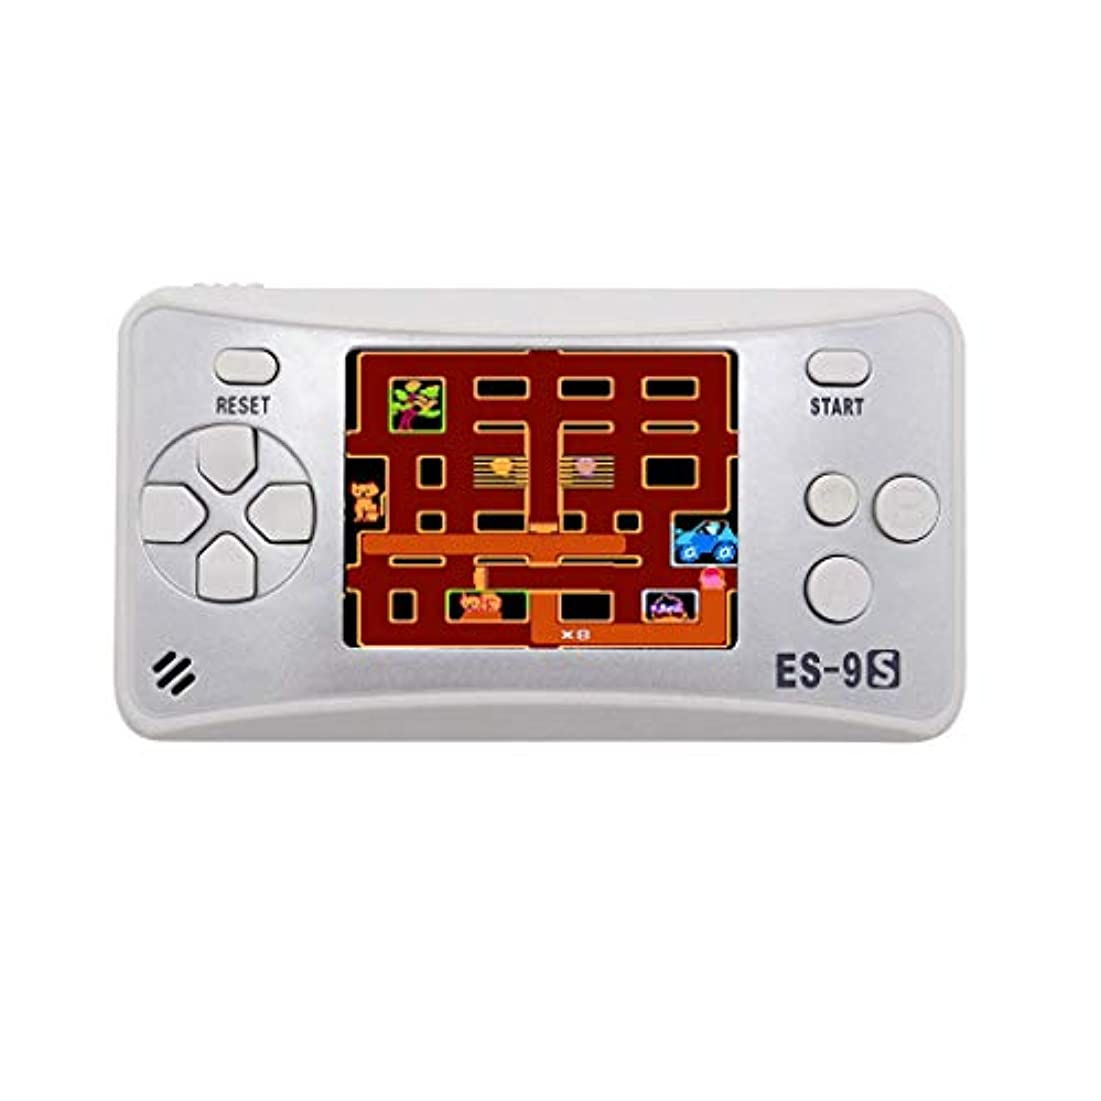 最初はカテナ計算する携帯ゲーム機 2.5インチ アーケードゲーム ハンドヘルド ビデオ ゲーム コンソール 内蔵168クラシックゲーム ゲームプレーヤー サポートTVプレイhuajuan